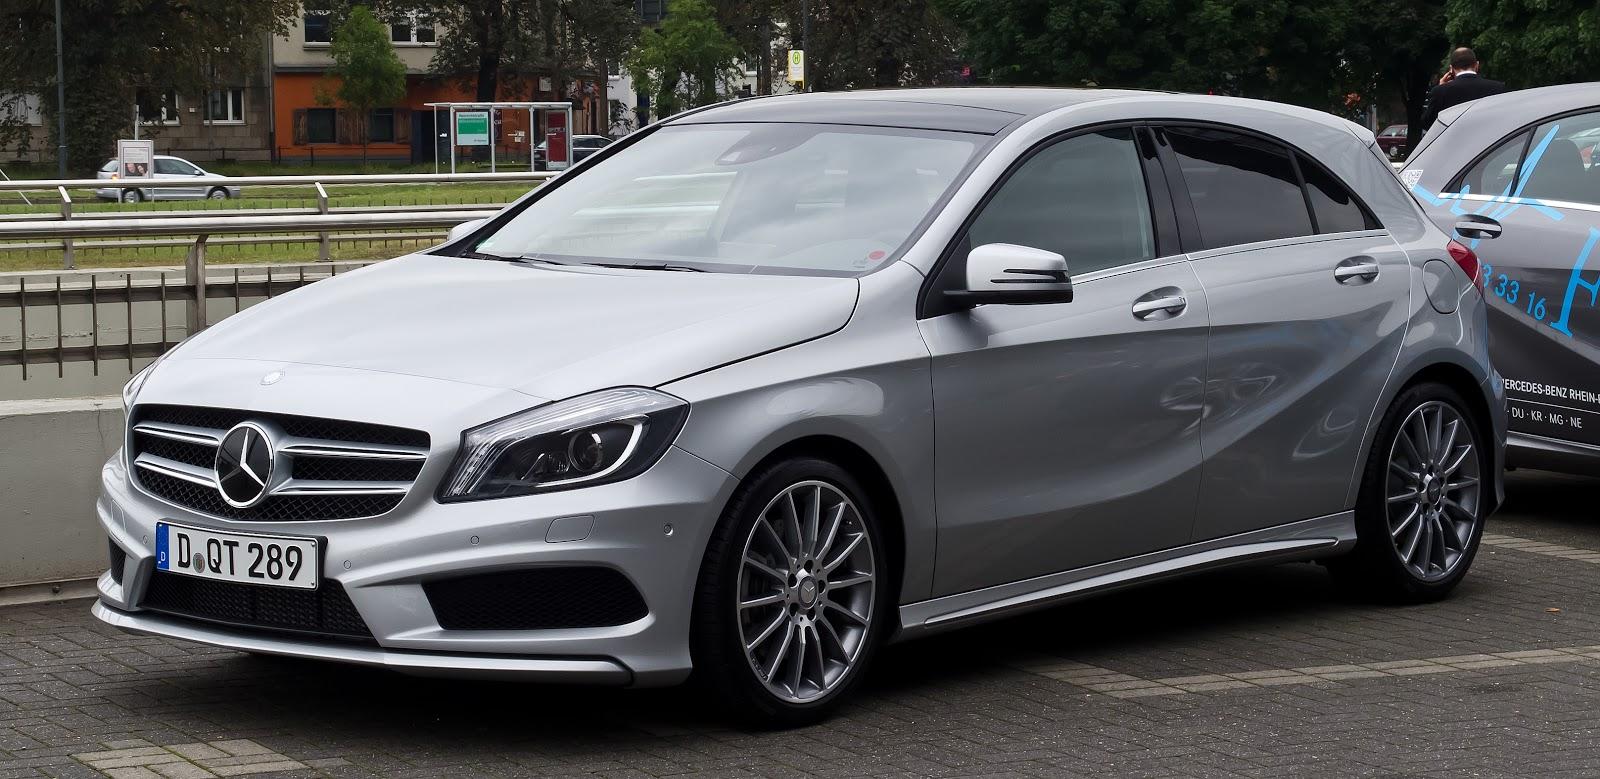 http://4.bp.blogspot.com/-XZyCtix6Rm8/ULrq6ebYHEI/AAAAAAAALao/F9wpSpZbXmo/s1600/Mercedes-Benz_A_Class-250_-exterior-front-side-view-silver-BlueEFFICIENCY_AMG_Sport_.jpg